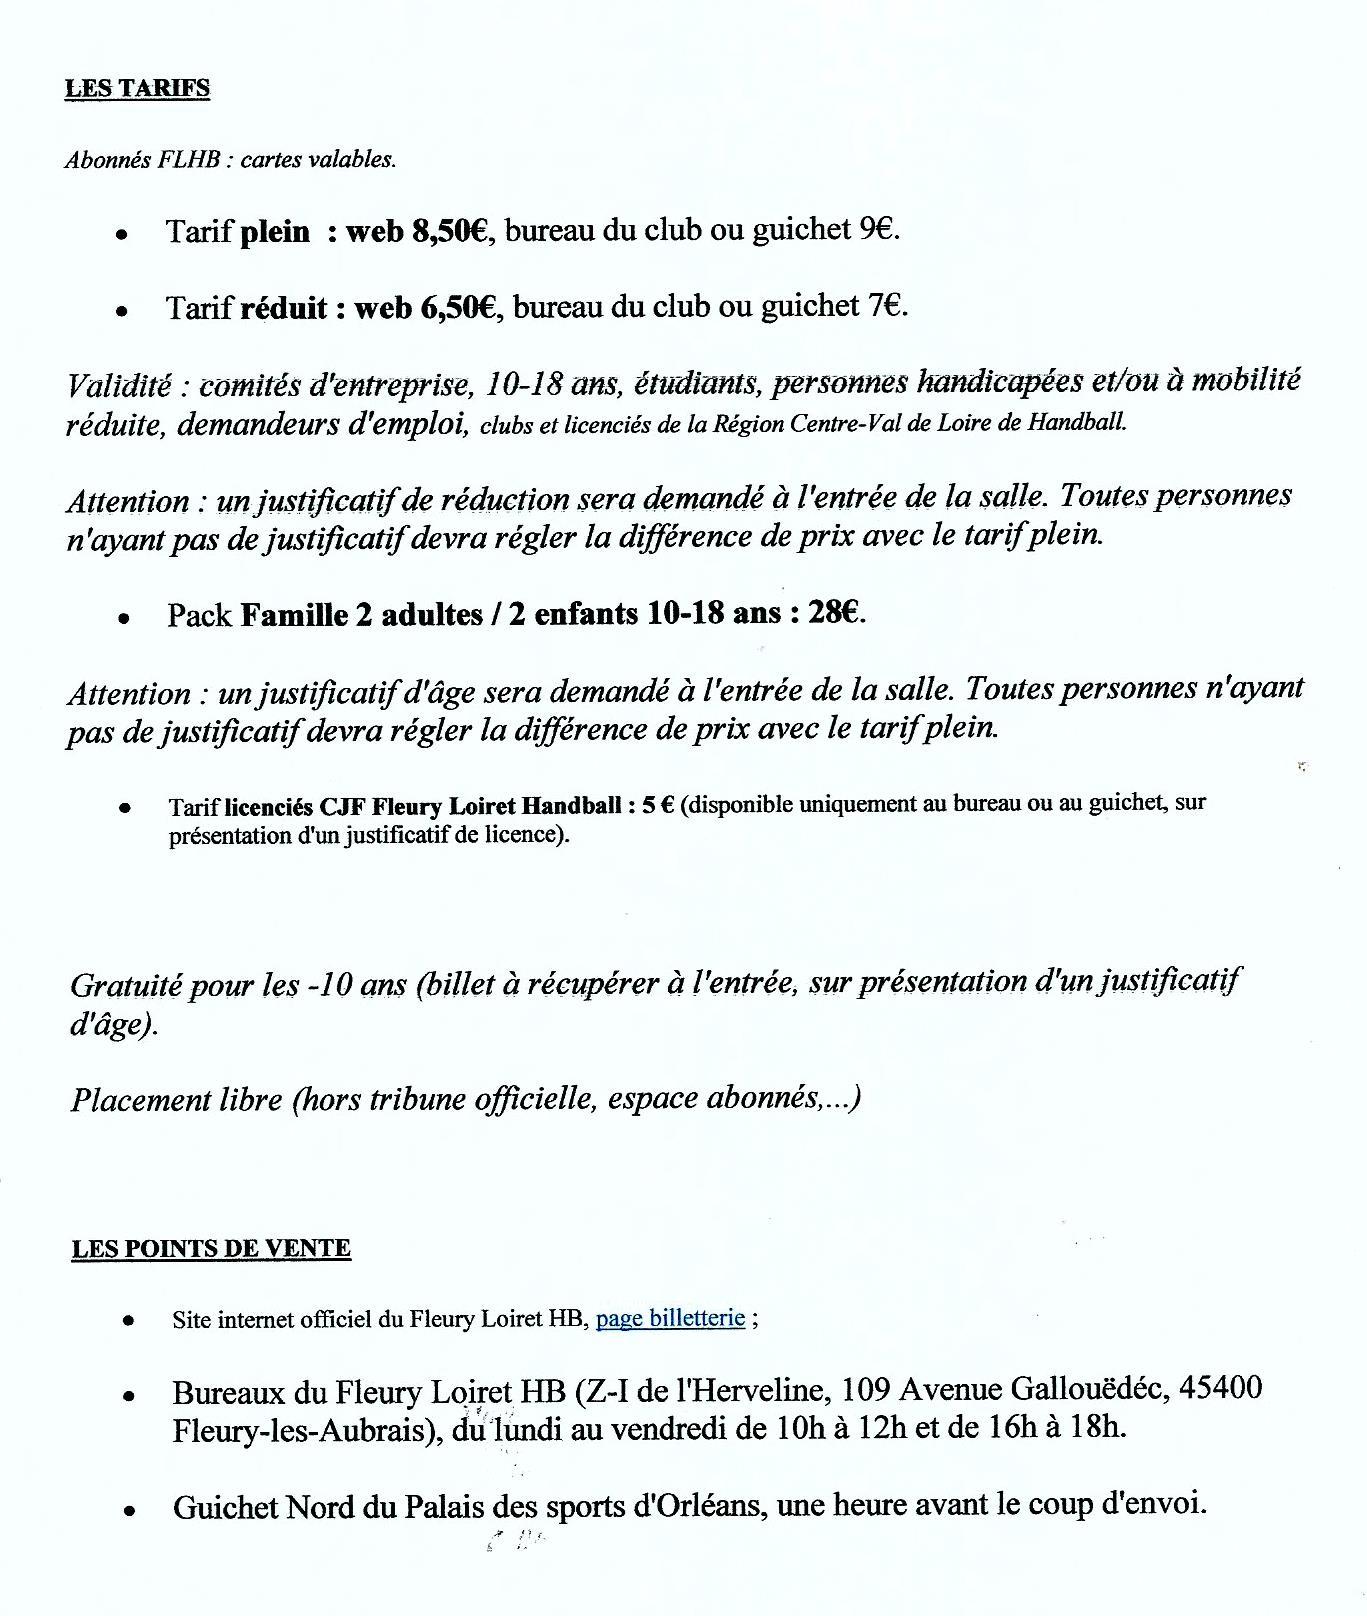 Scan Affiche FLHB Les TARIFS.jpg